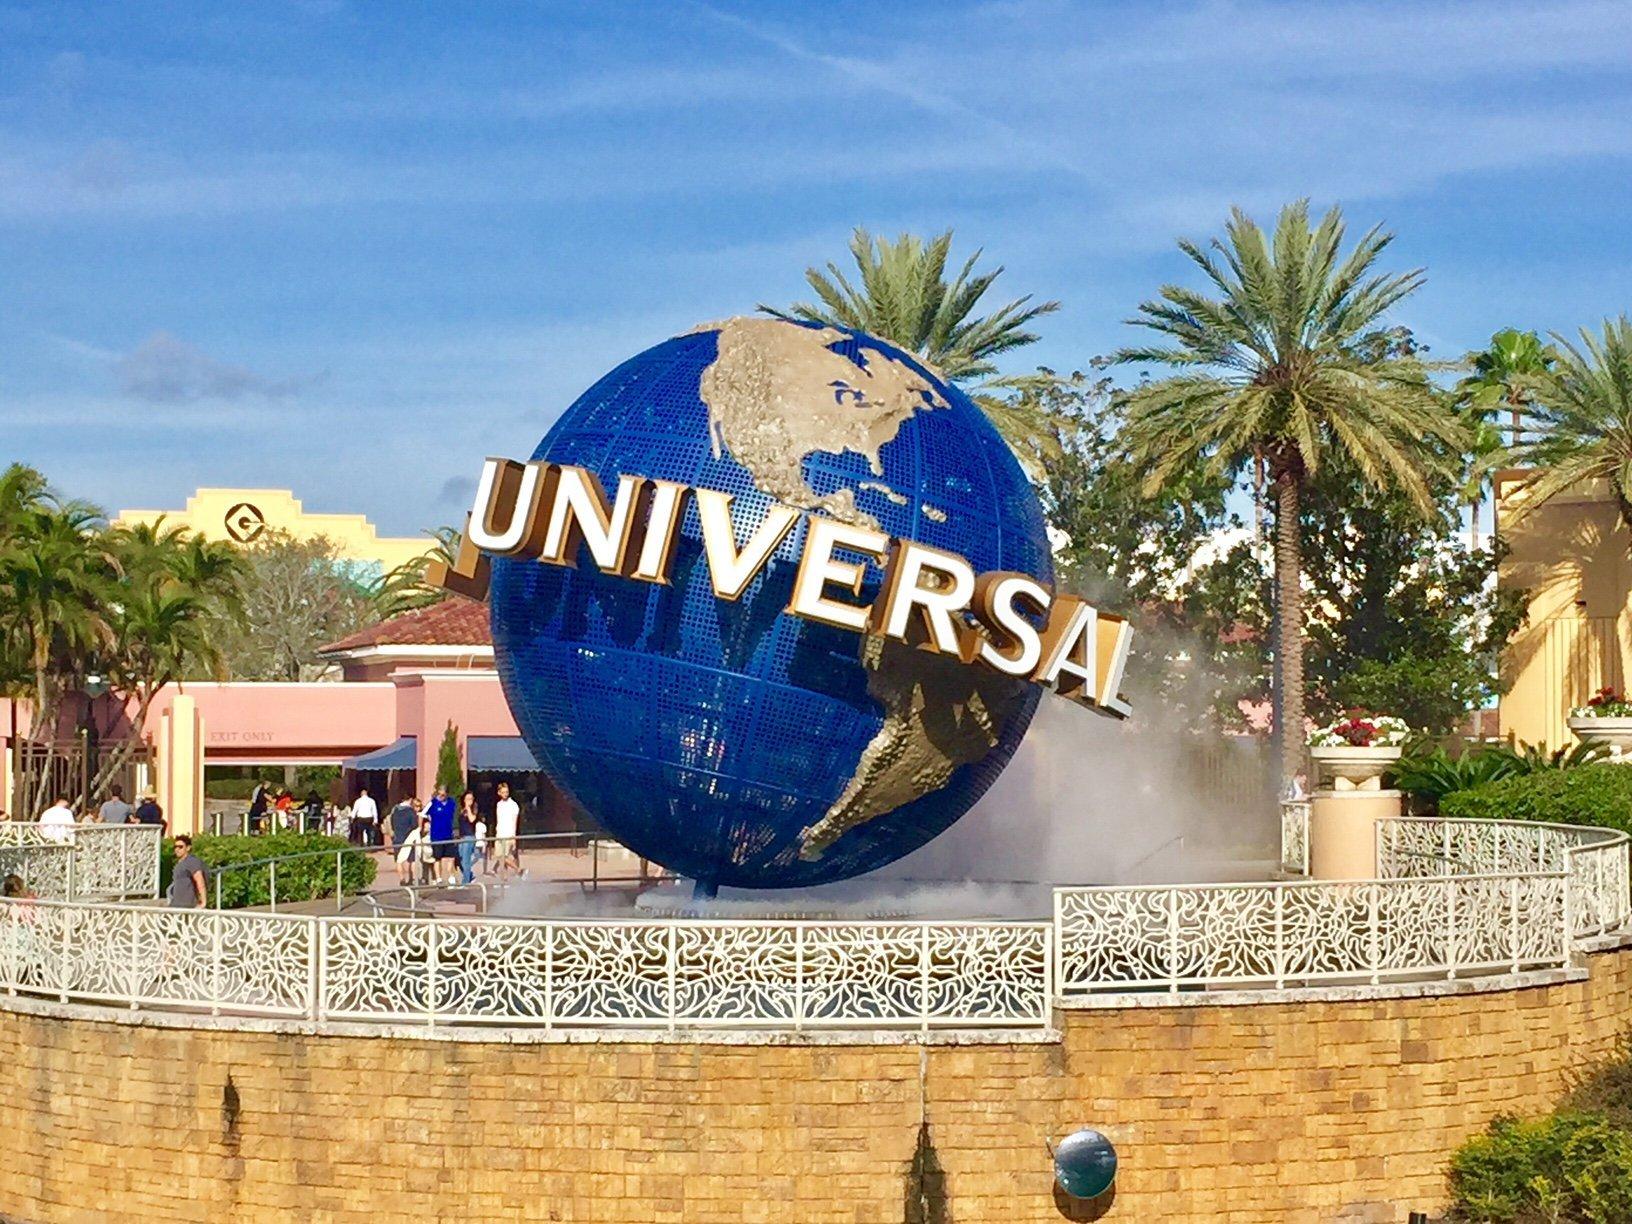 30bd51b33 13 melhores atrações Universal Studios em Orlando - dicas gerais ...